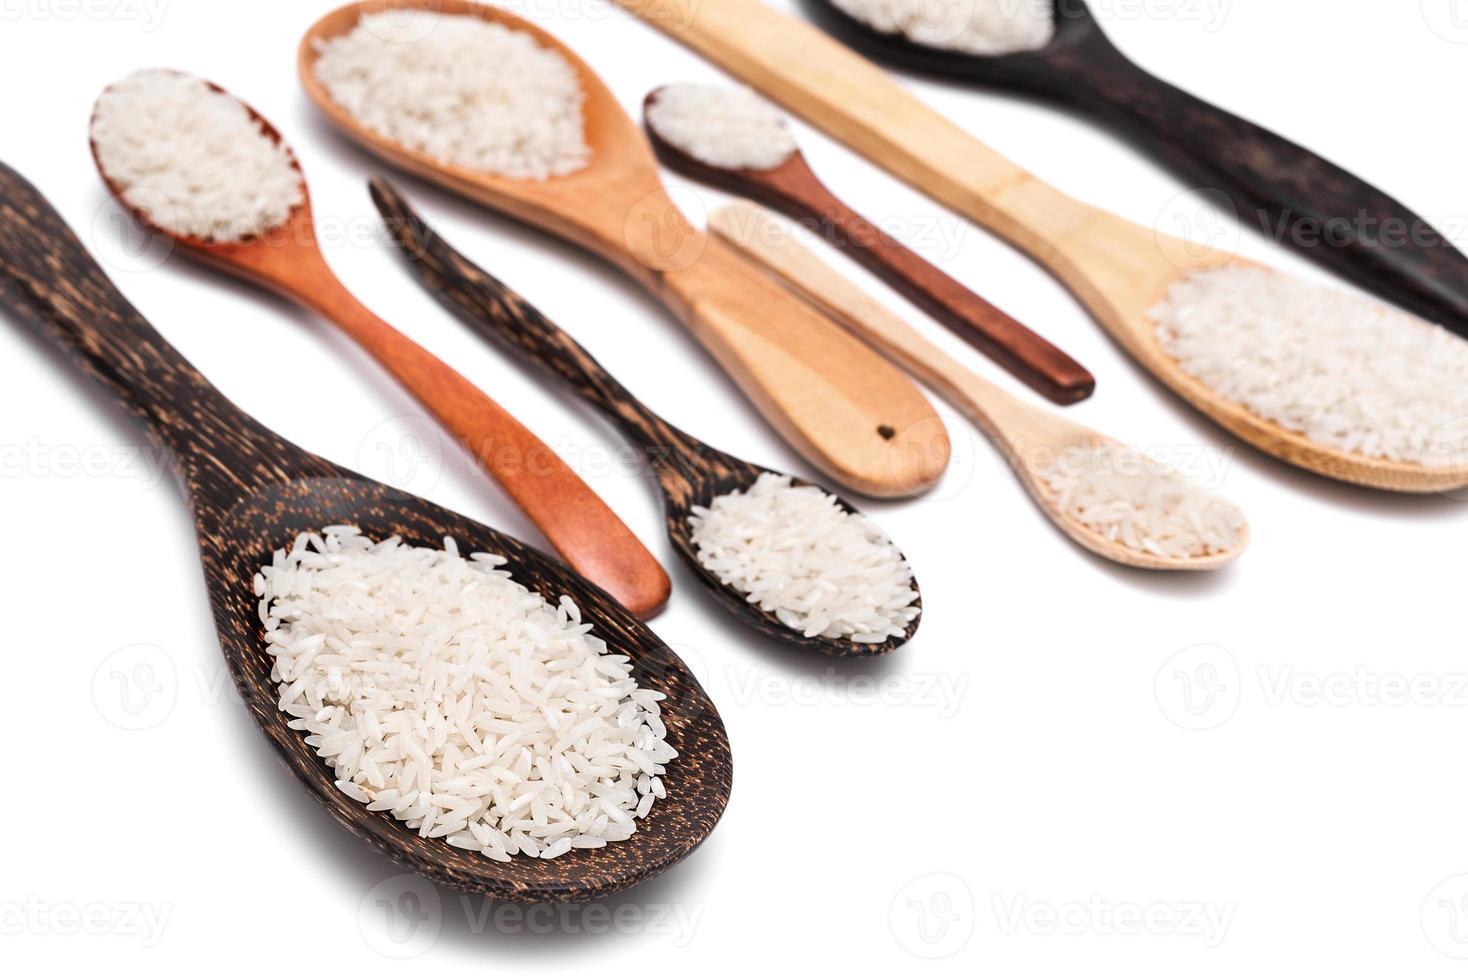 ensemble de différentes cuillères en bois avec riz blanc photo